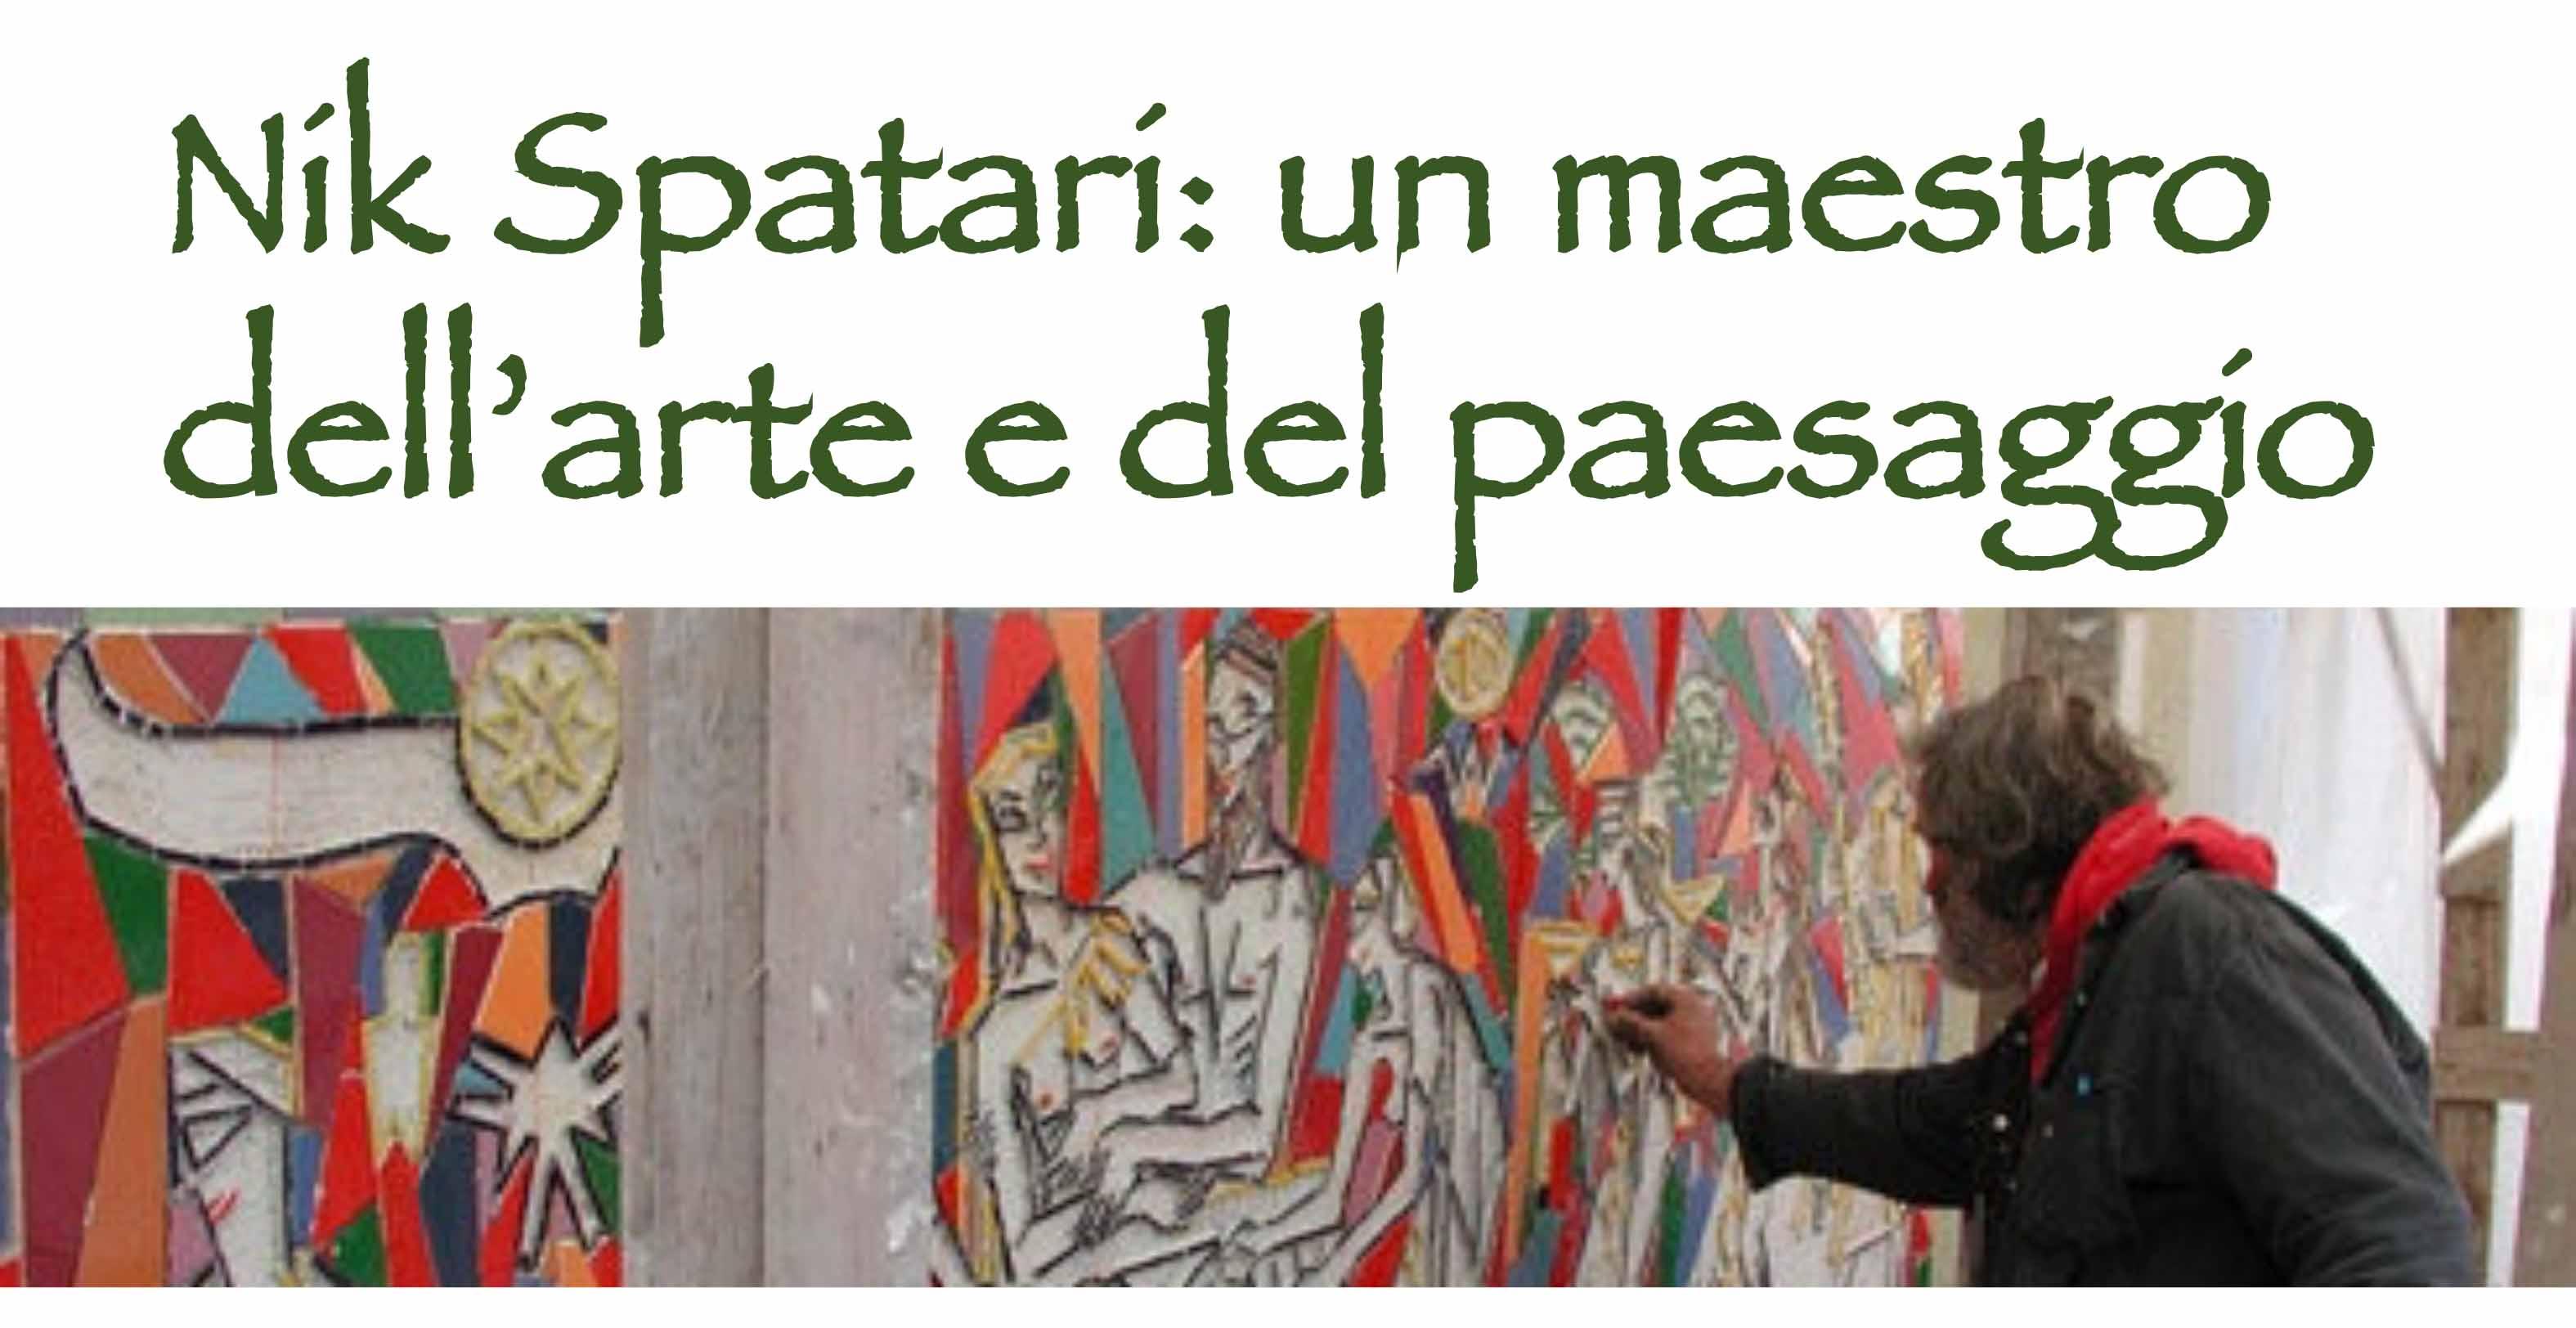 Nik Spatari: un maestro dell'arte e del paesaggio - LameziaTerme.it